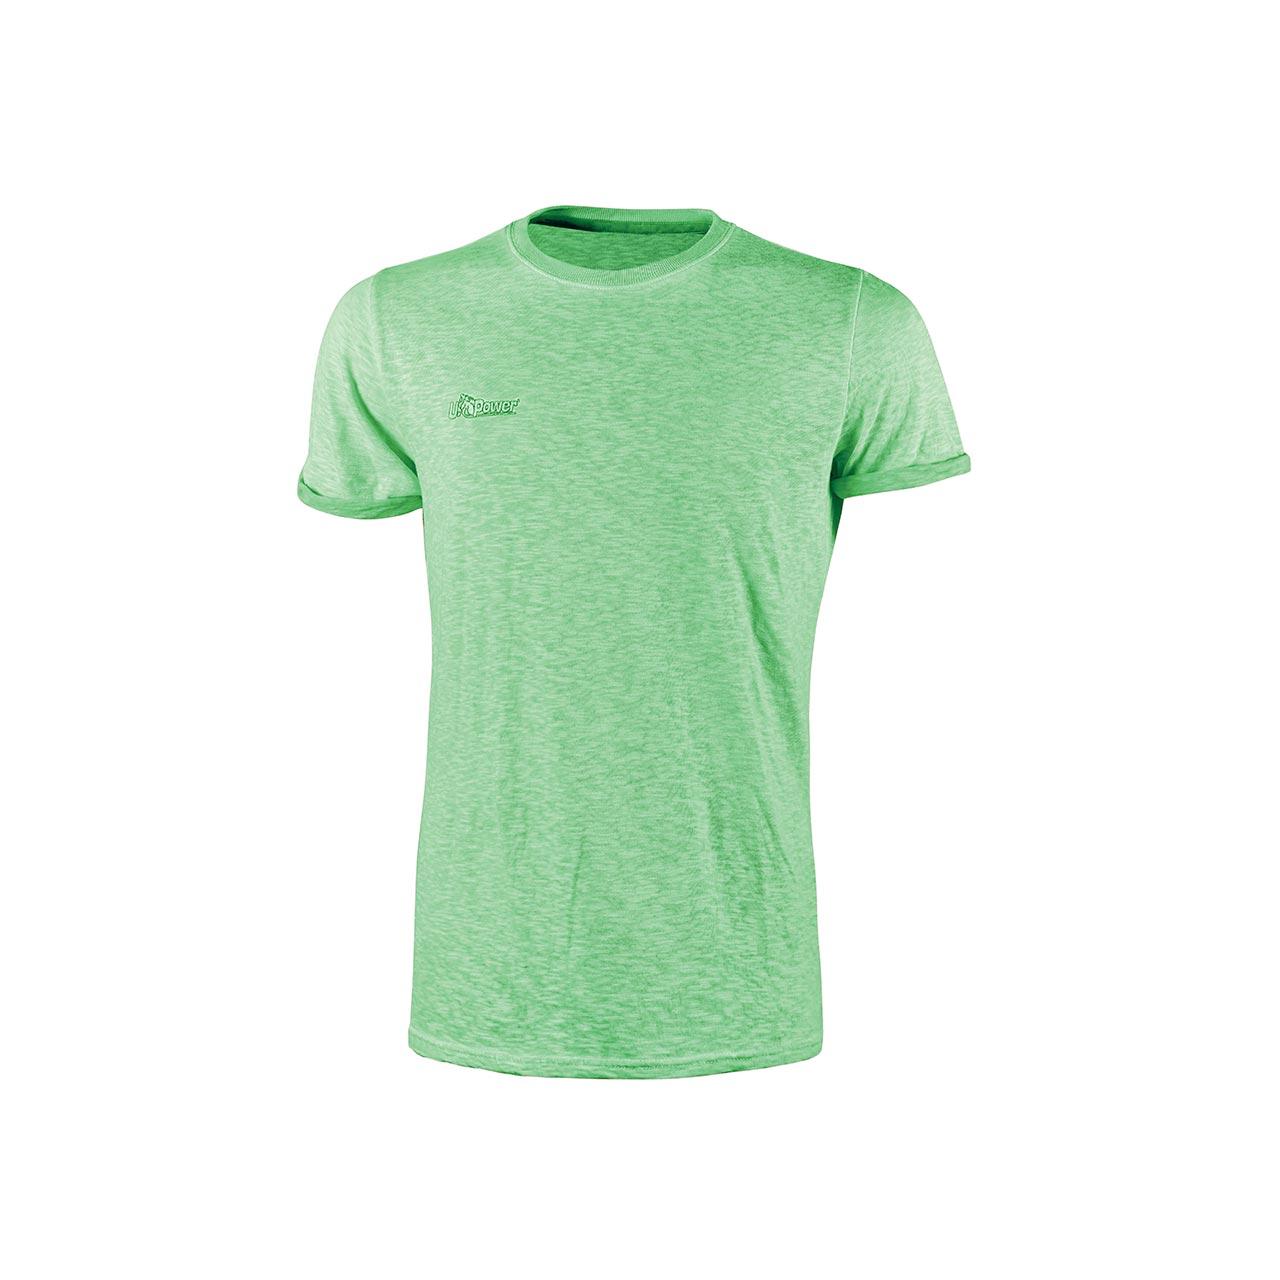 Tshirt da lavoro upower modello fluo colore verde fluo